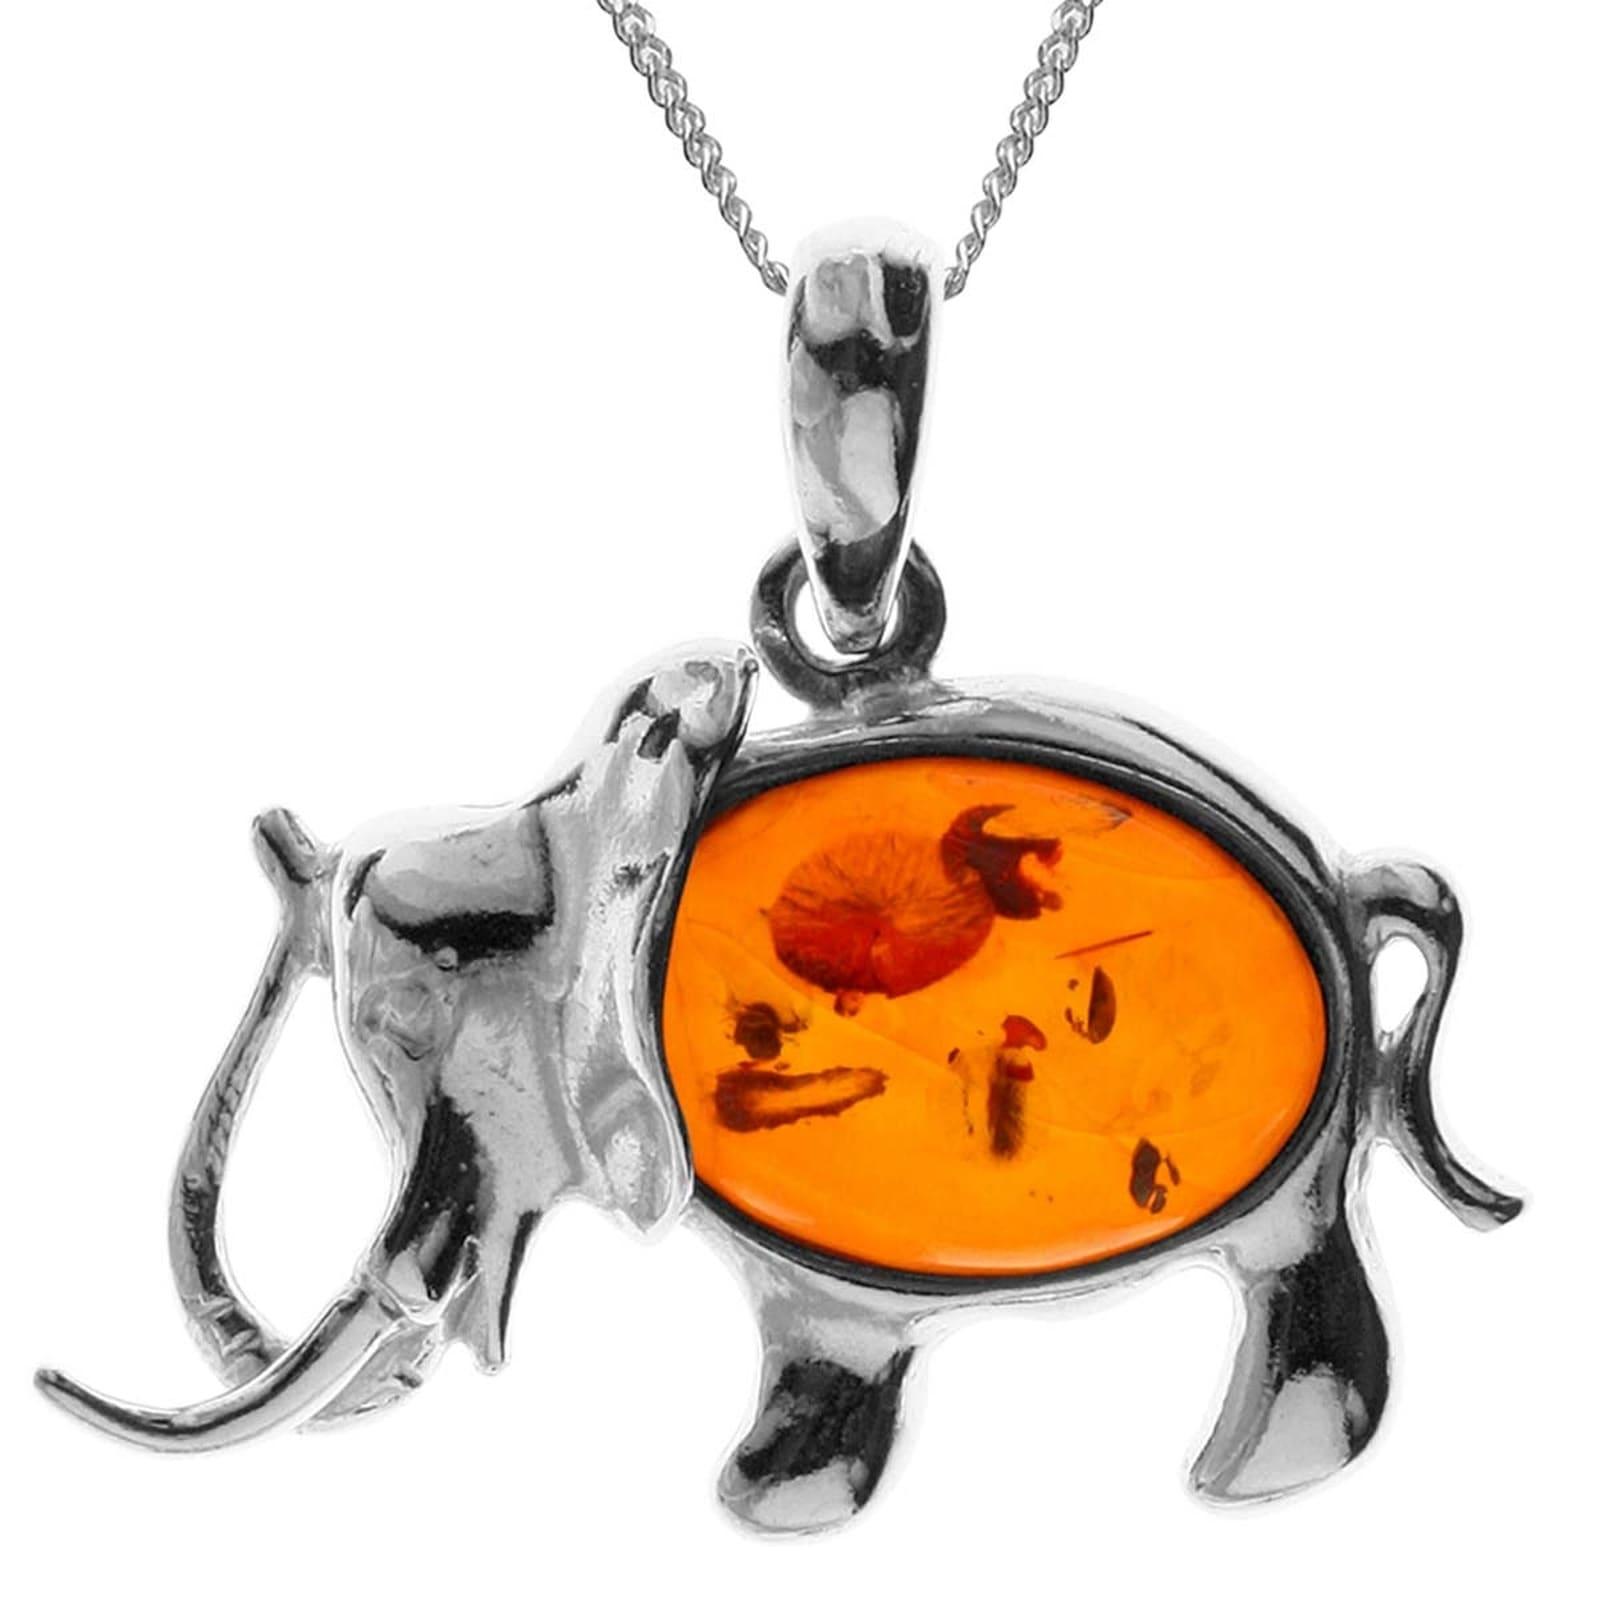 OSTSEE-SCHMUCK Kette mit Anhänger Elefant Silber 925/000 Bernstein | Schmuck > Halsketten > Silberketten | Ostsee-Schmuck